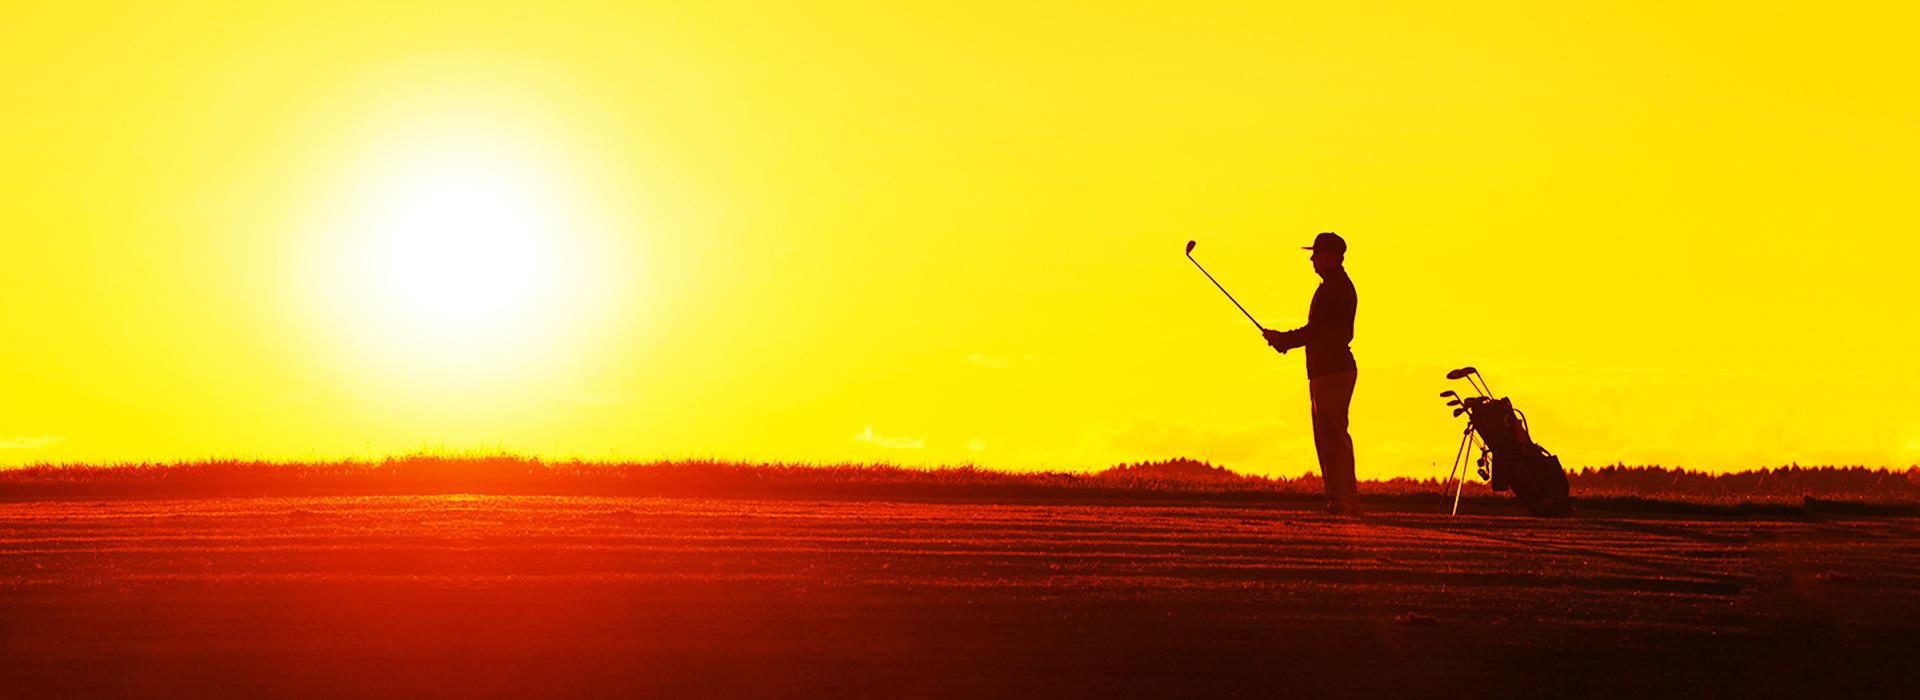 1920x700-subhead3-golf